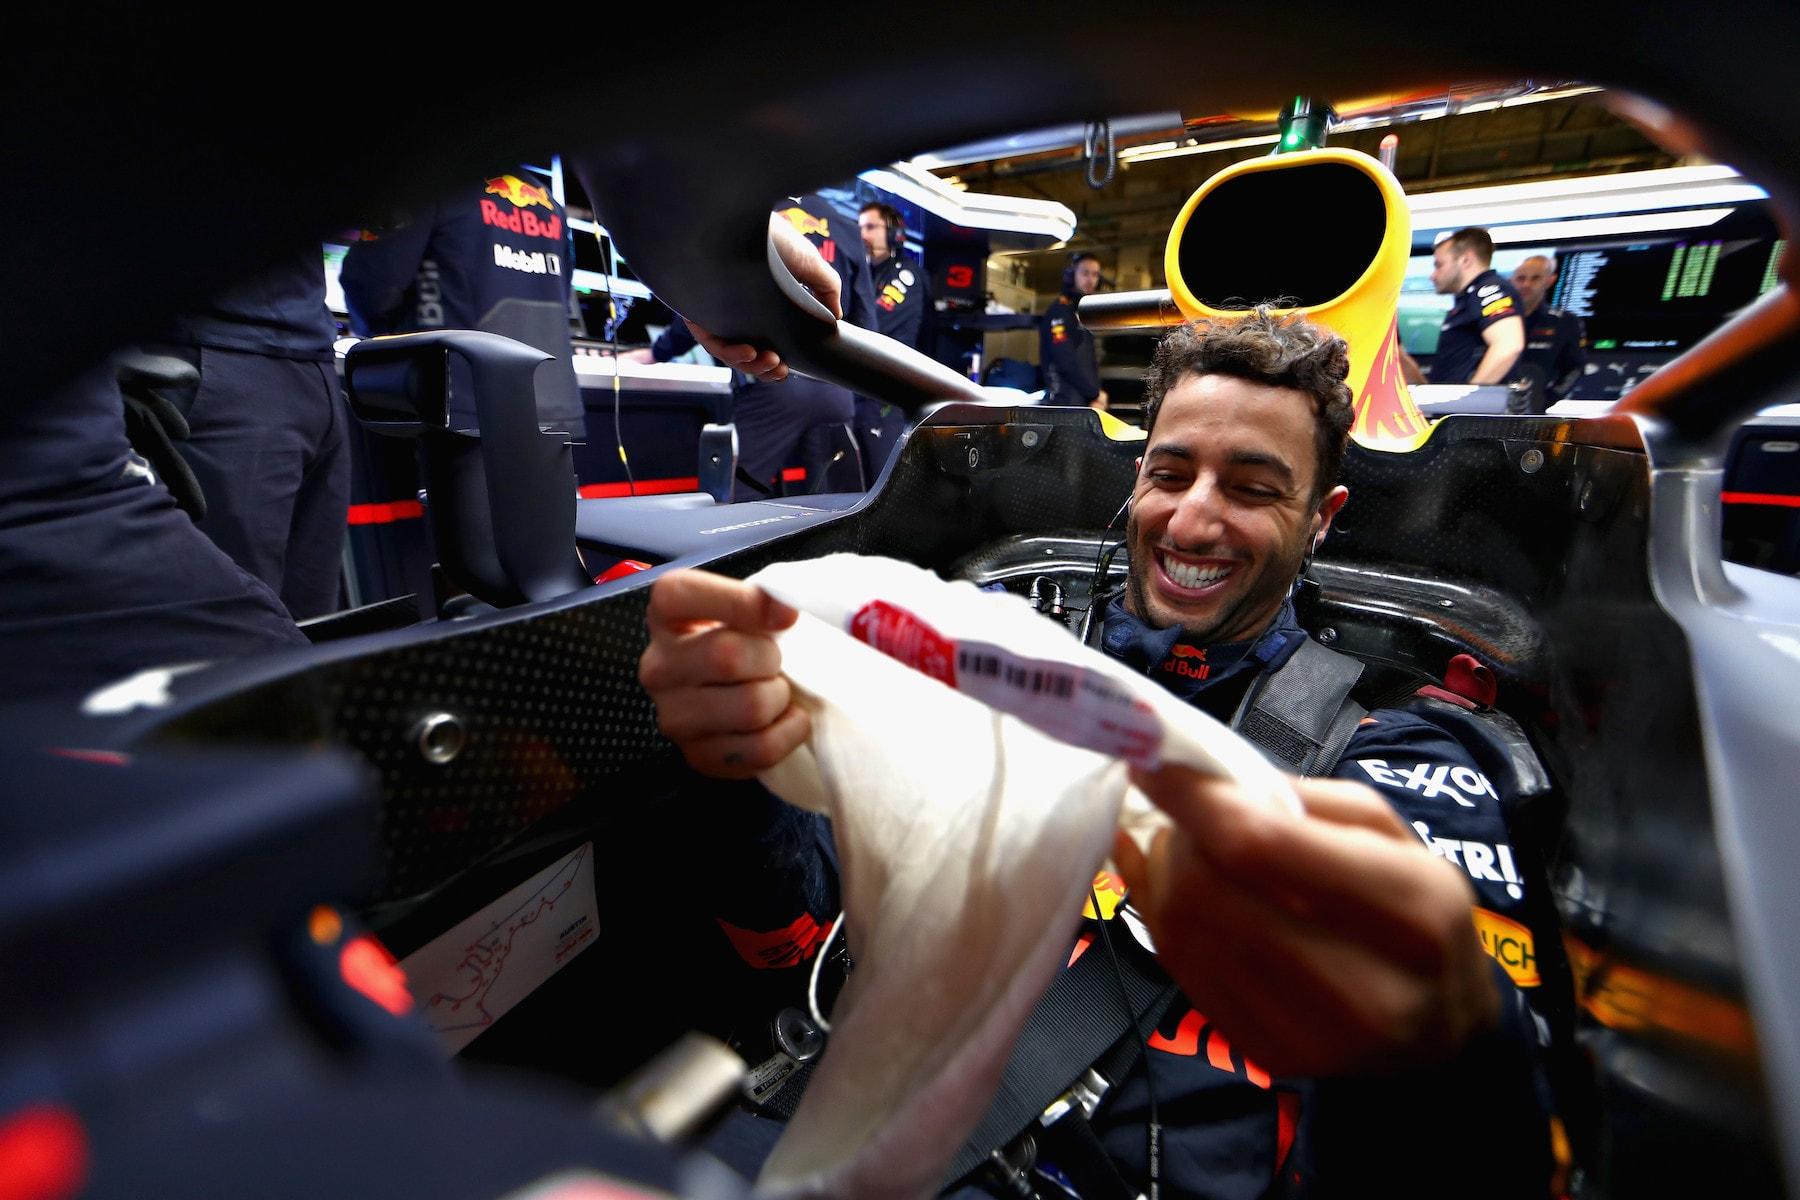 5 2018 Daniel Ricciardo | Red Bull RB14 | 2018 USGP FP2 2 copy.jpg